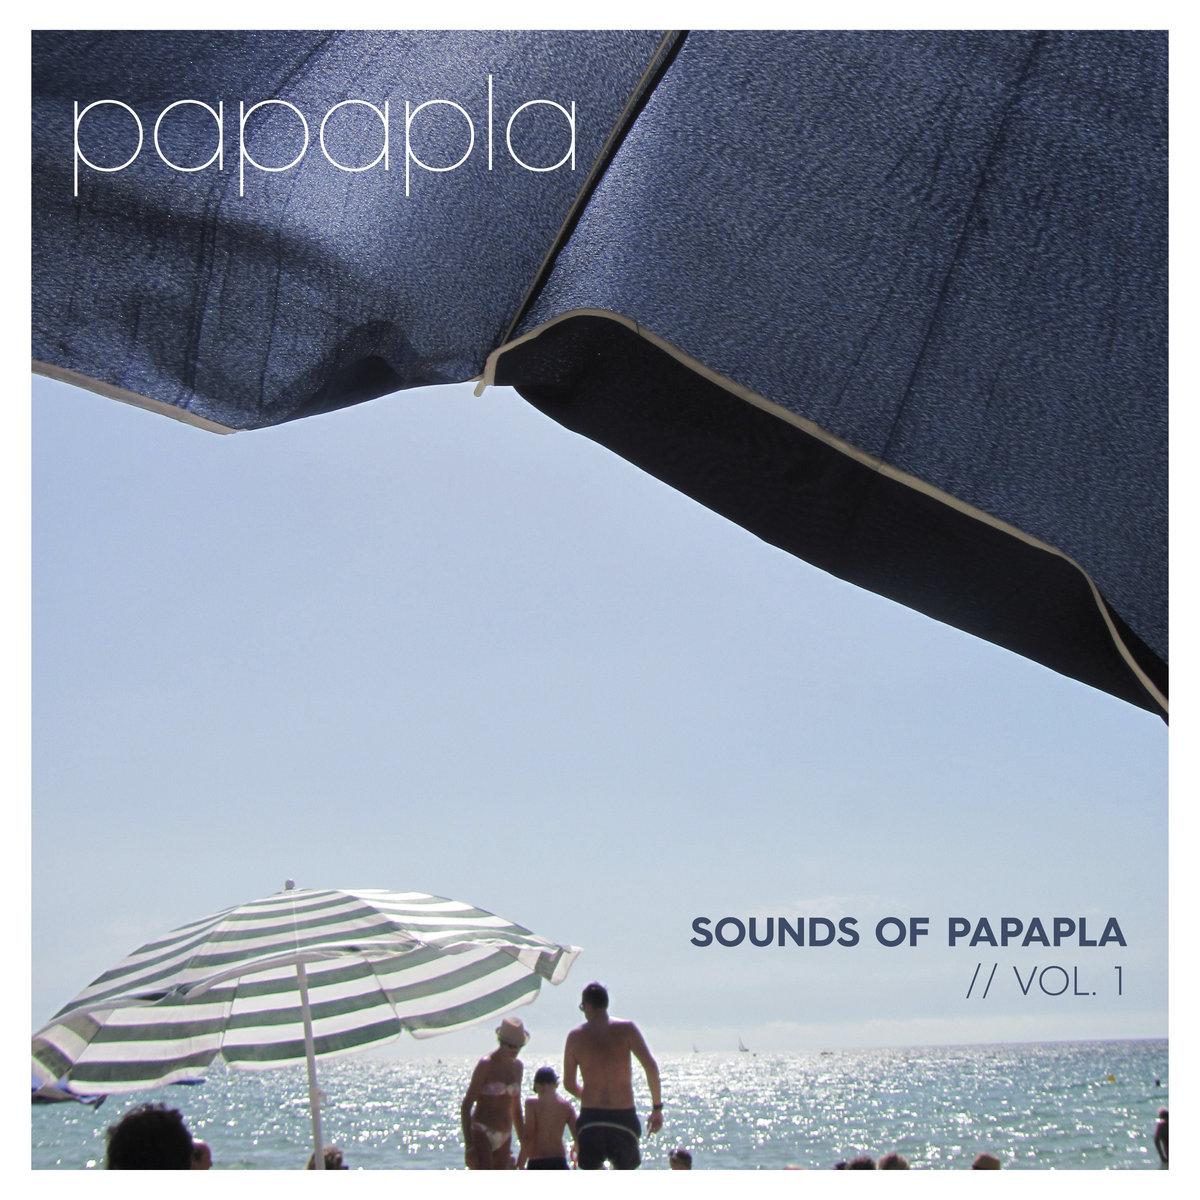 Papapla – Sounds of Papapla – VOL.1